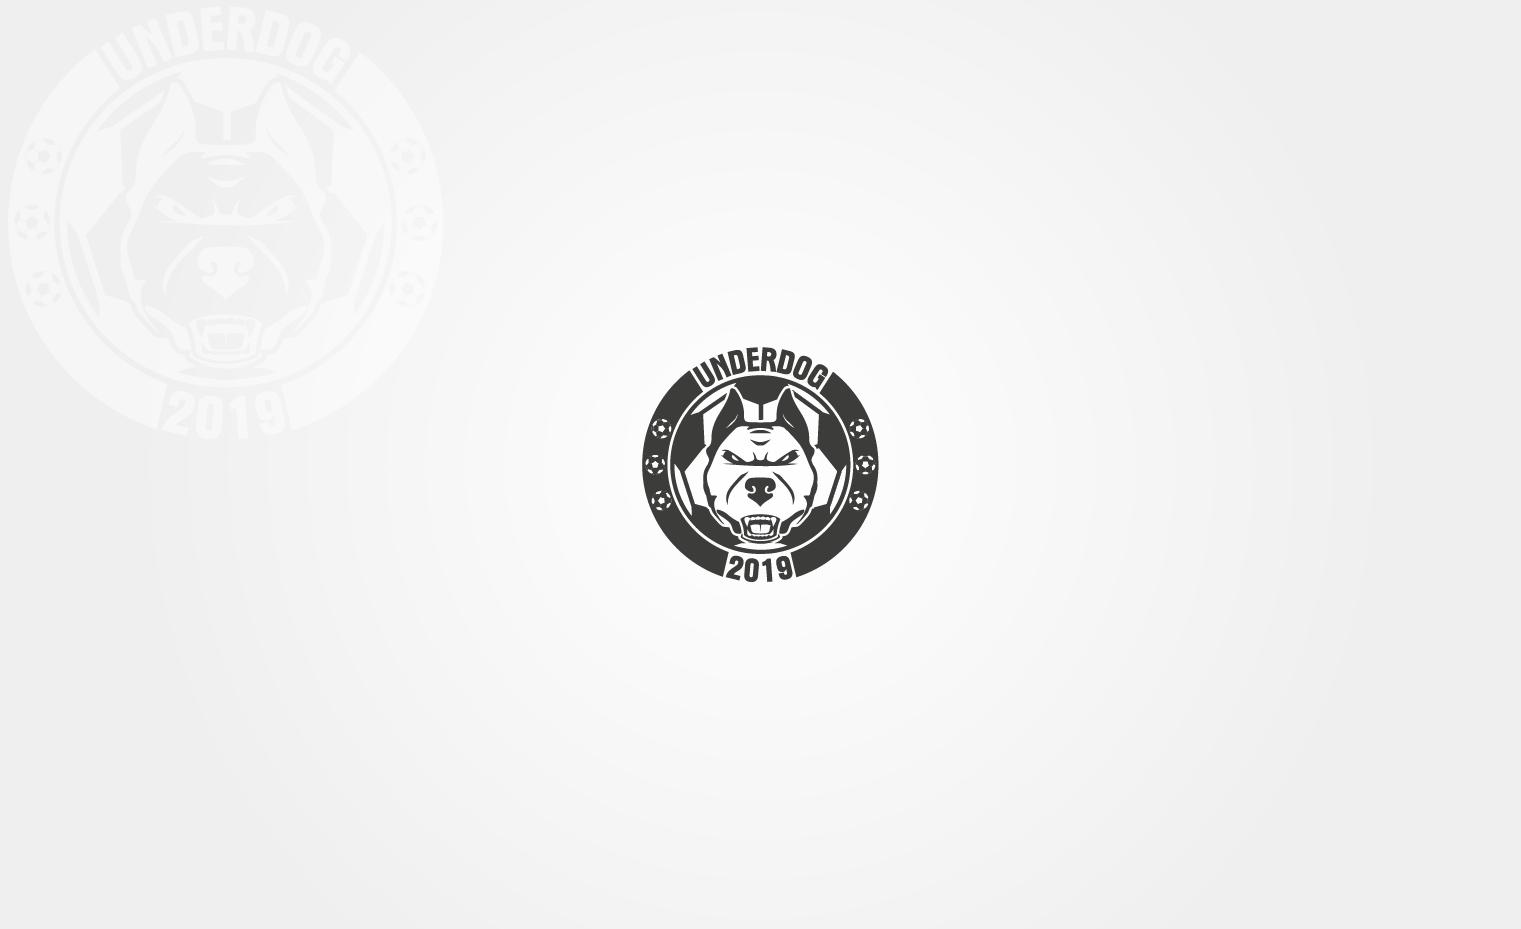 Футбольный клуб UNDERDOG - разработать фирстиль и бренд-бук фото f_9895caf49b97ee45.png